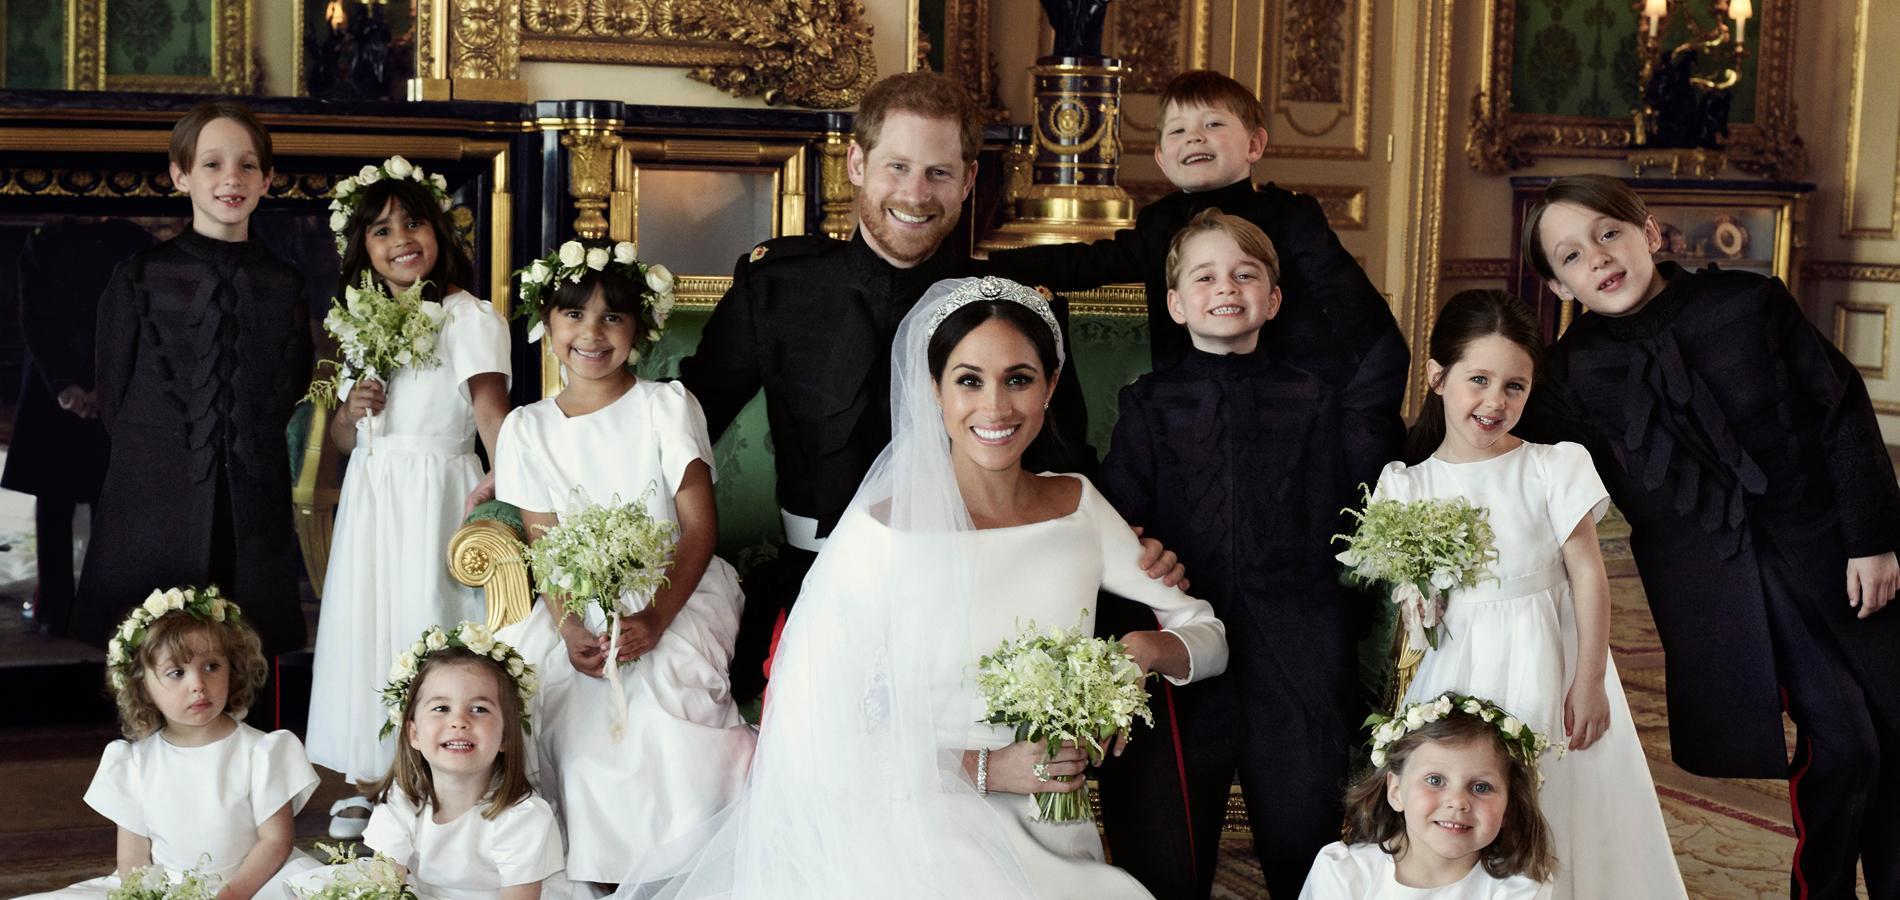 Le mariage du prince Harry et de Meghan Markle n'était pas le plus regardé de l'histoire